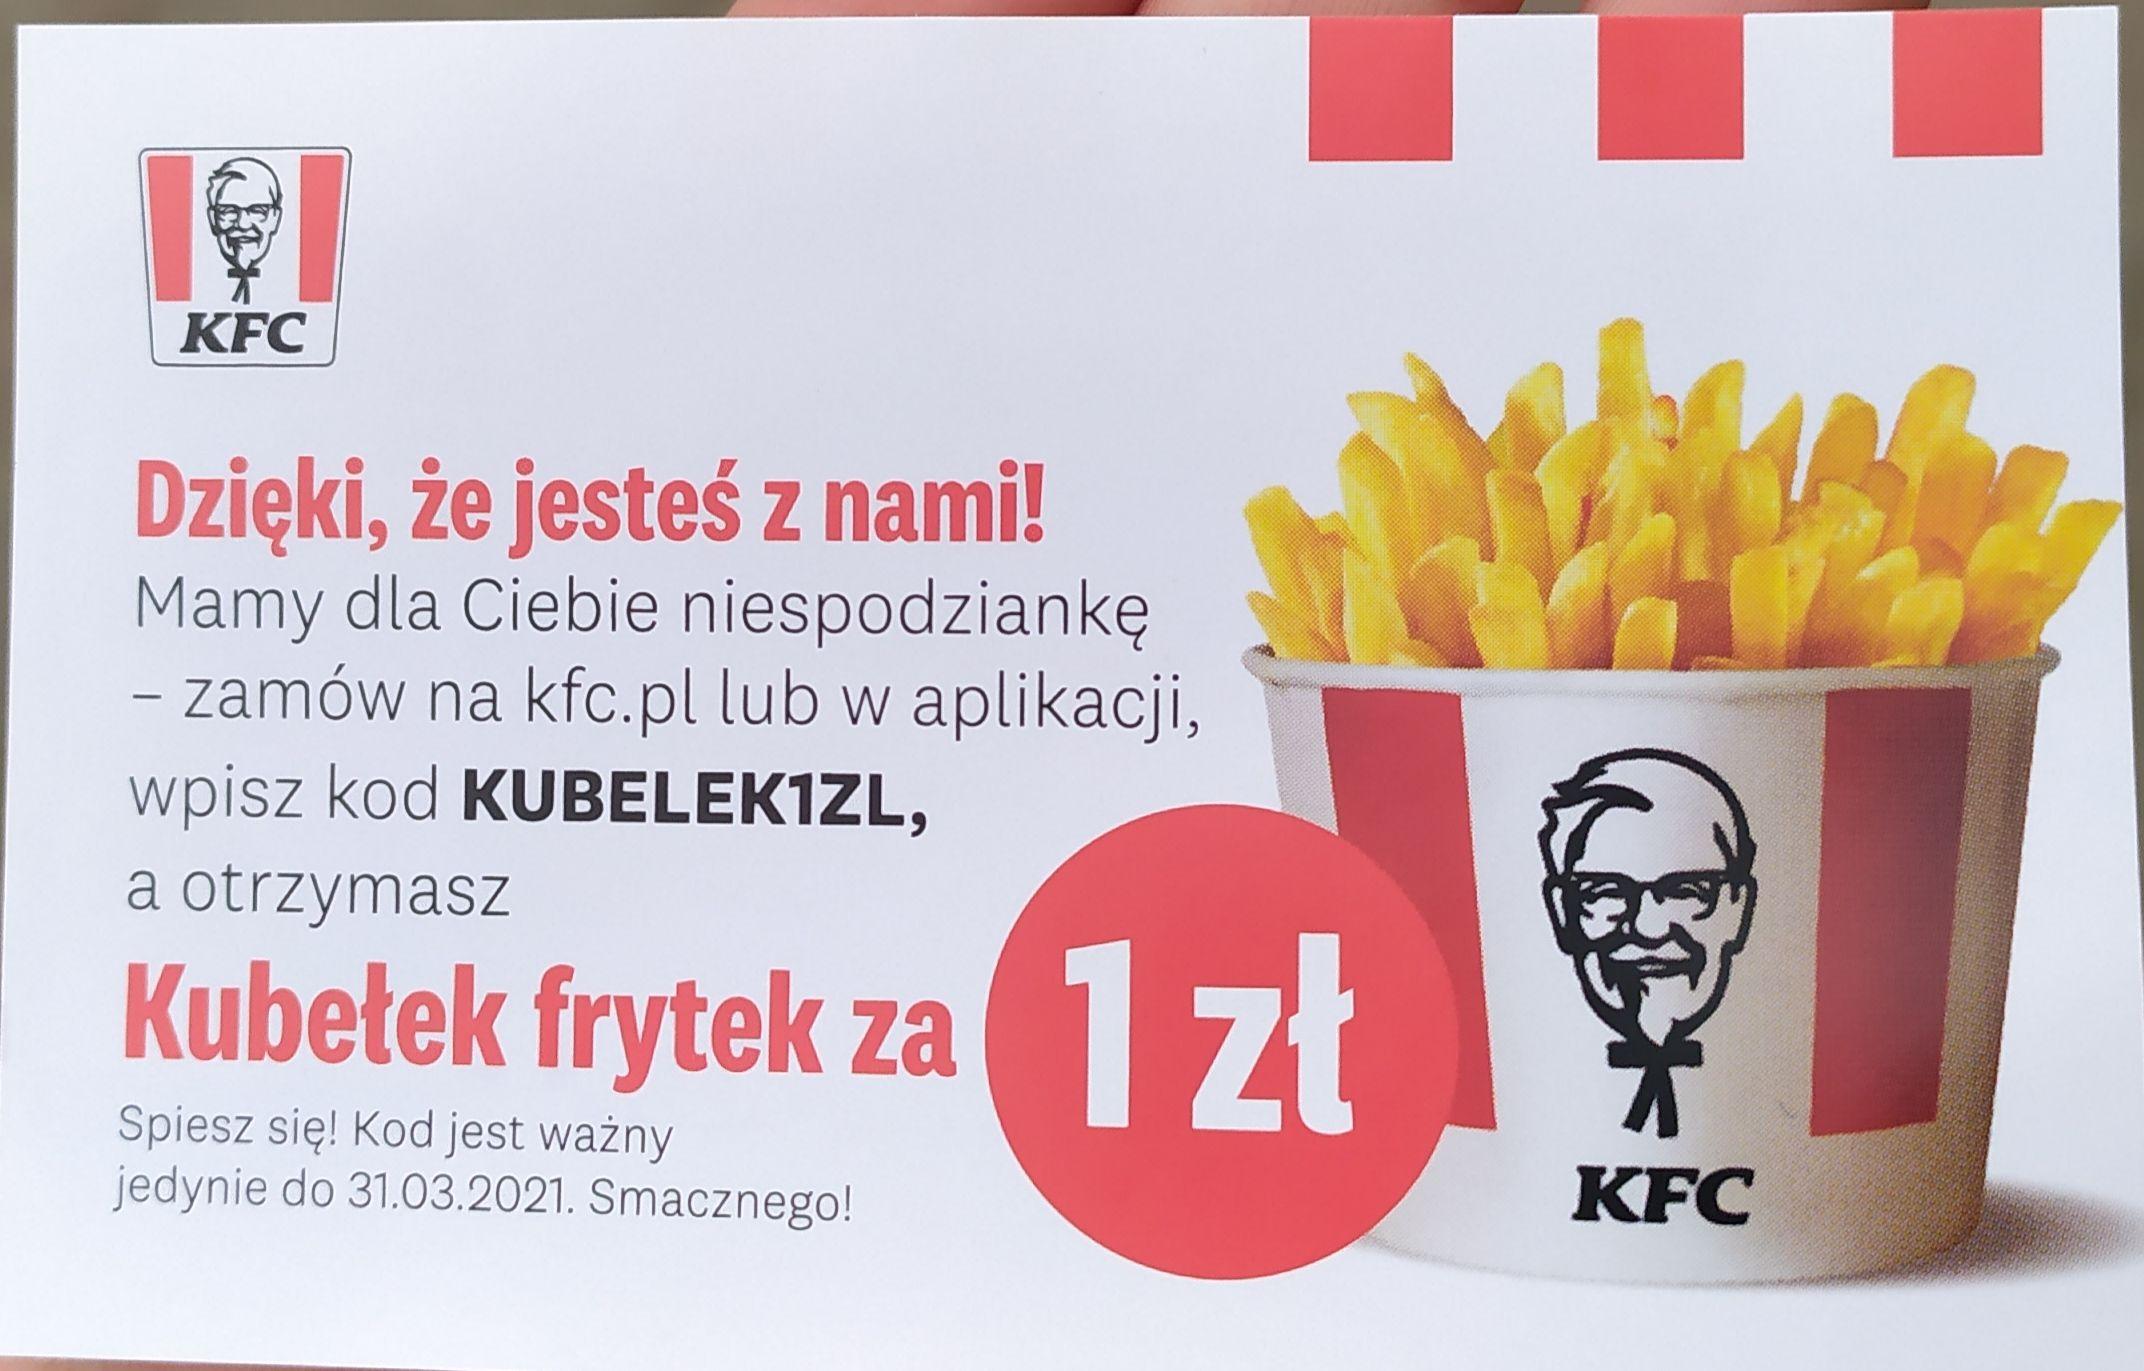 Kubełek frytek za 1zł w KFC